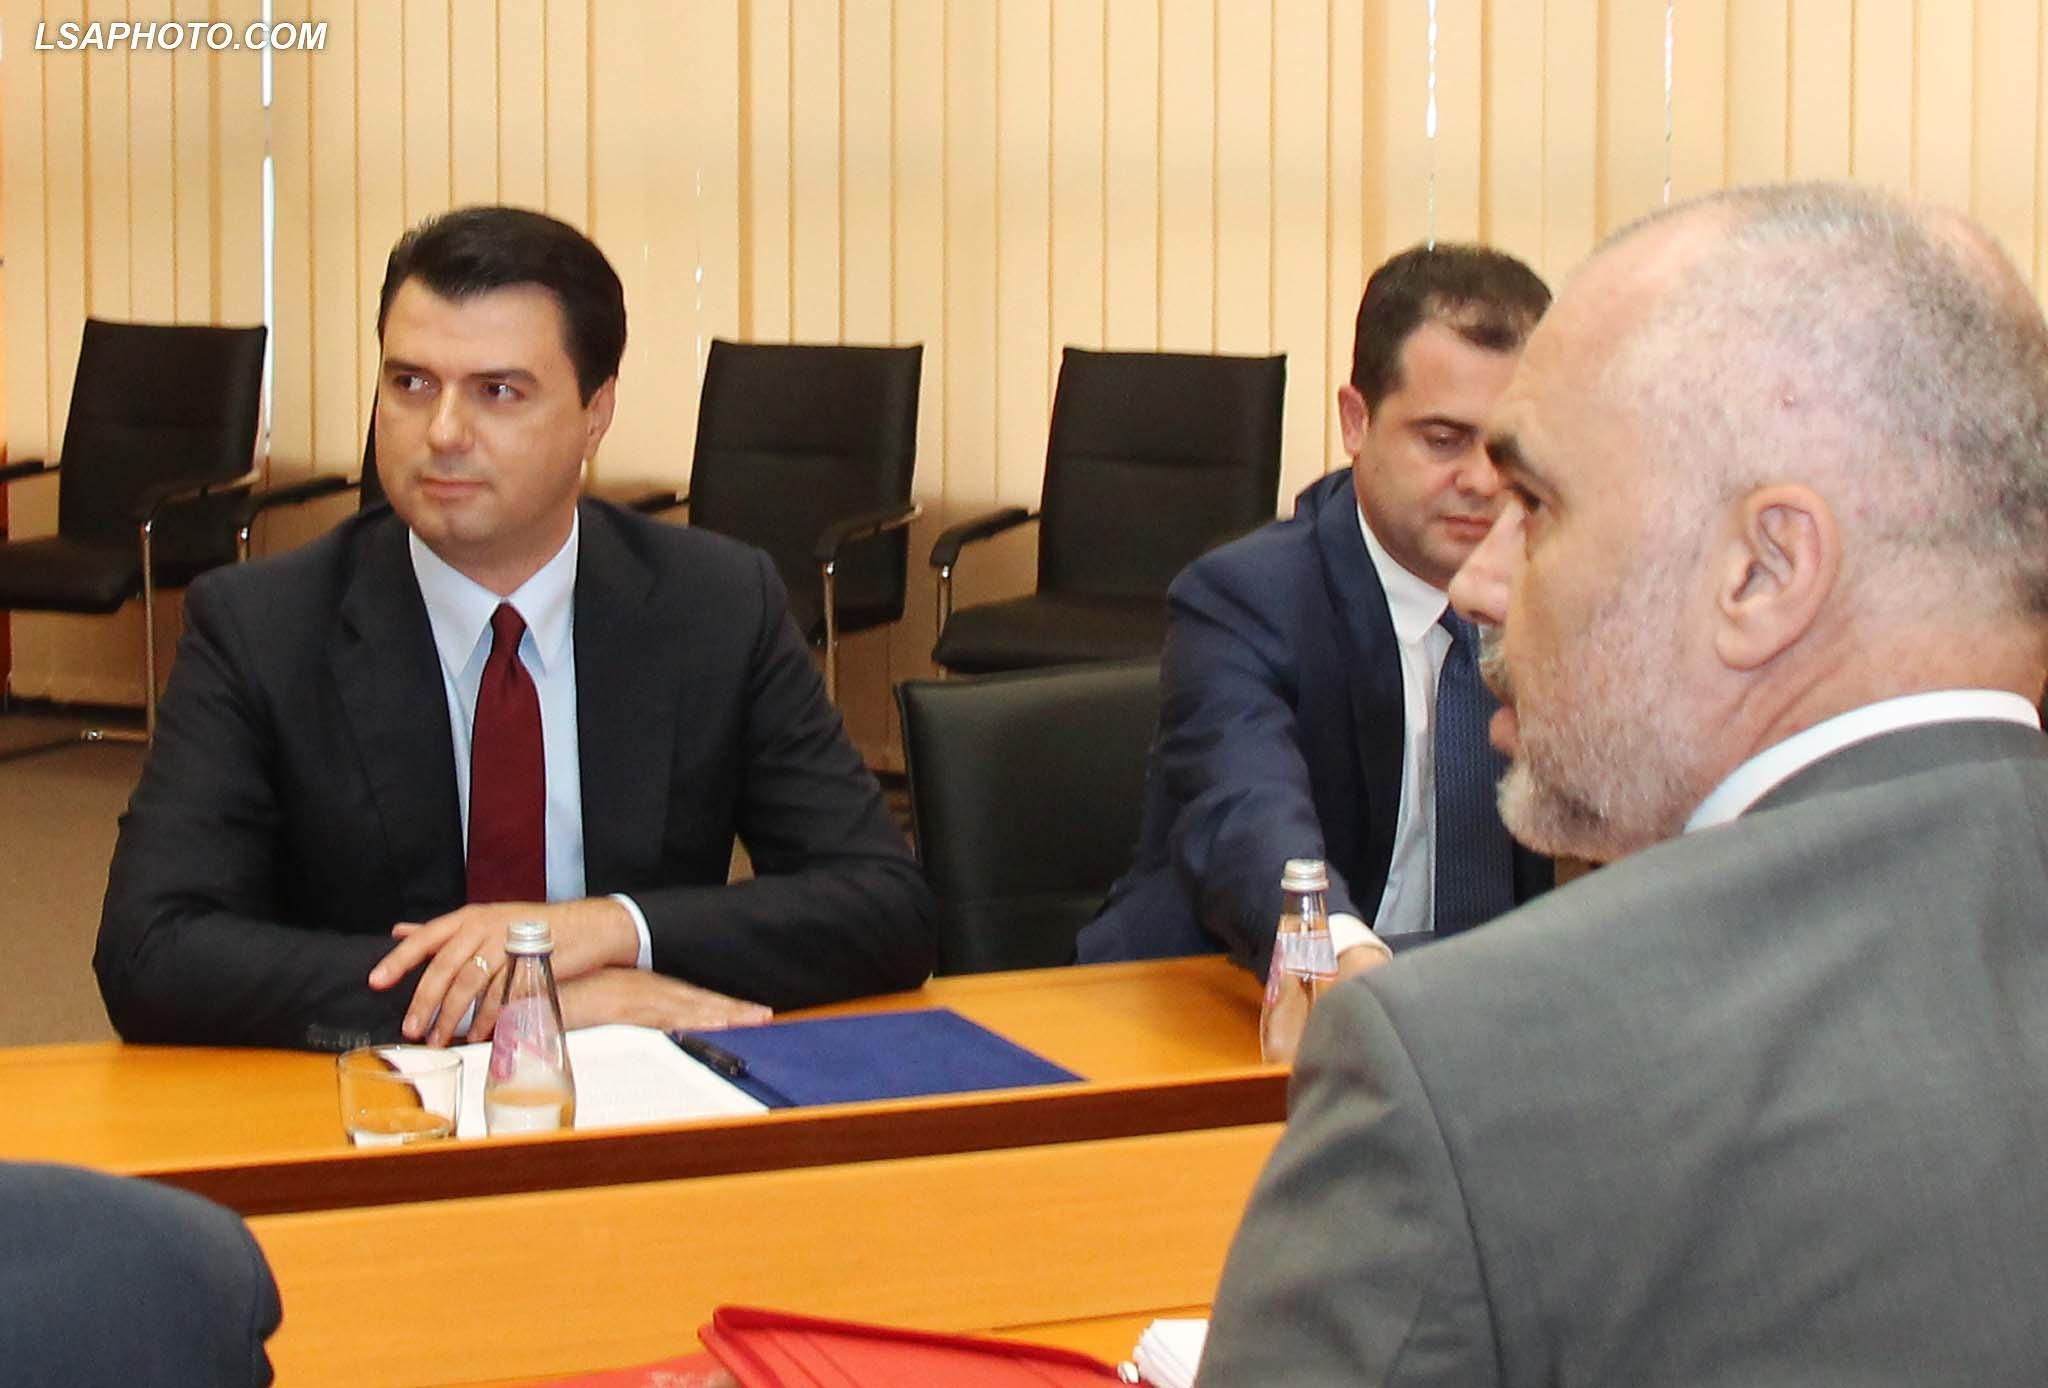 Kryeministri Edi Rama, gjate nje takimi ne Pallatin e Kongreseve me Kryetarin e PD, Lulzim Basha, ku kane diskutuar ne lidhje me reformen ne drejtesi.